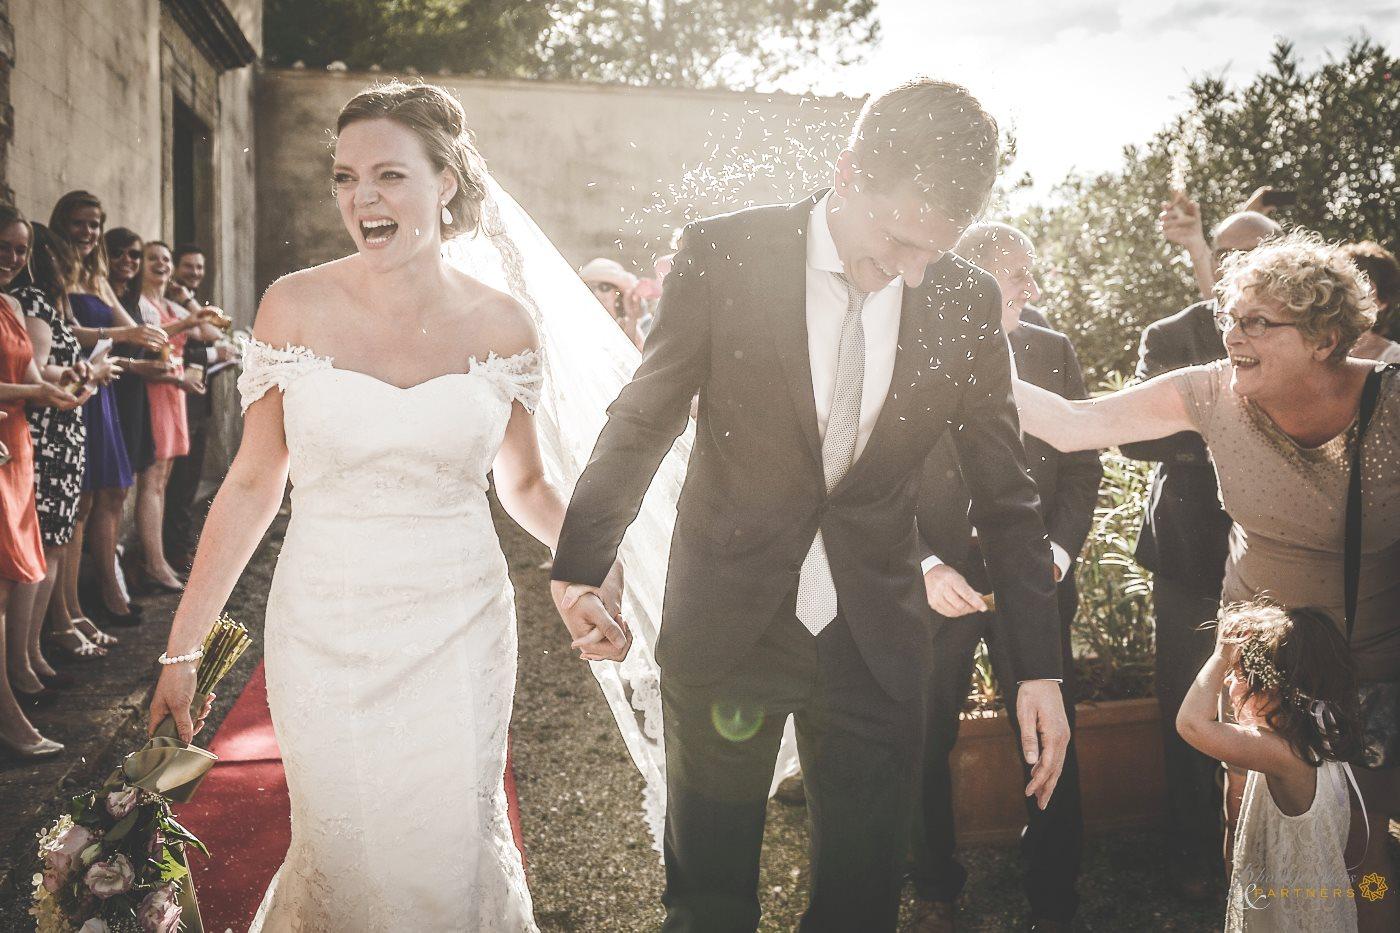 wedding_photos_san_gervasio_pisa_19.jpg